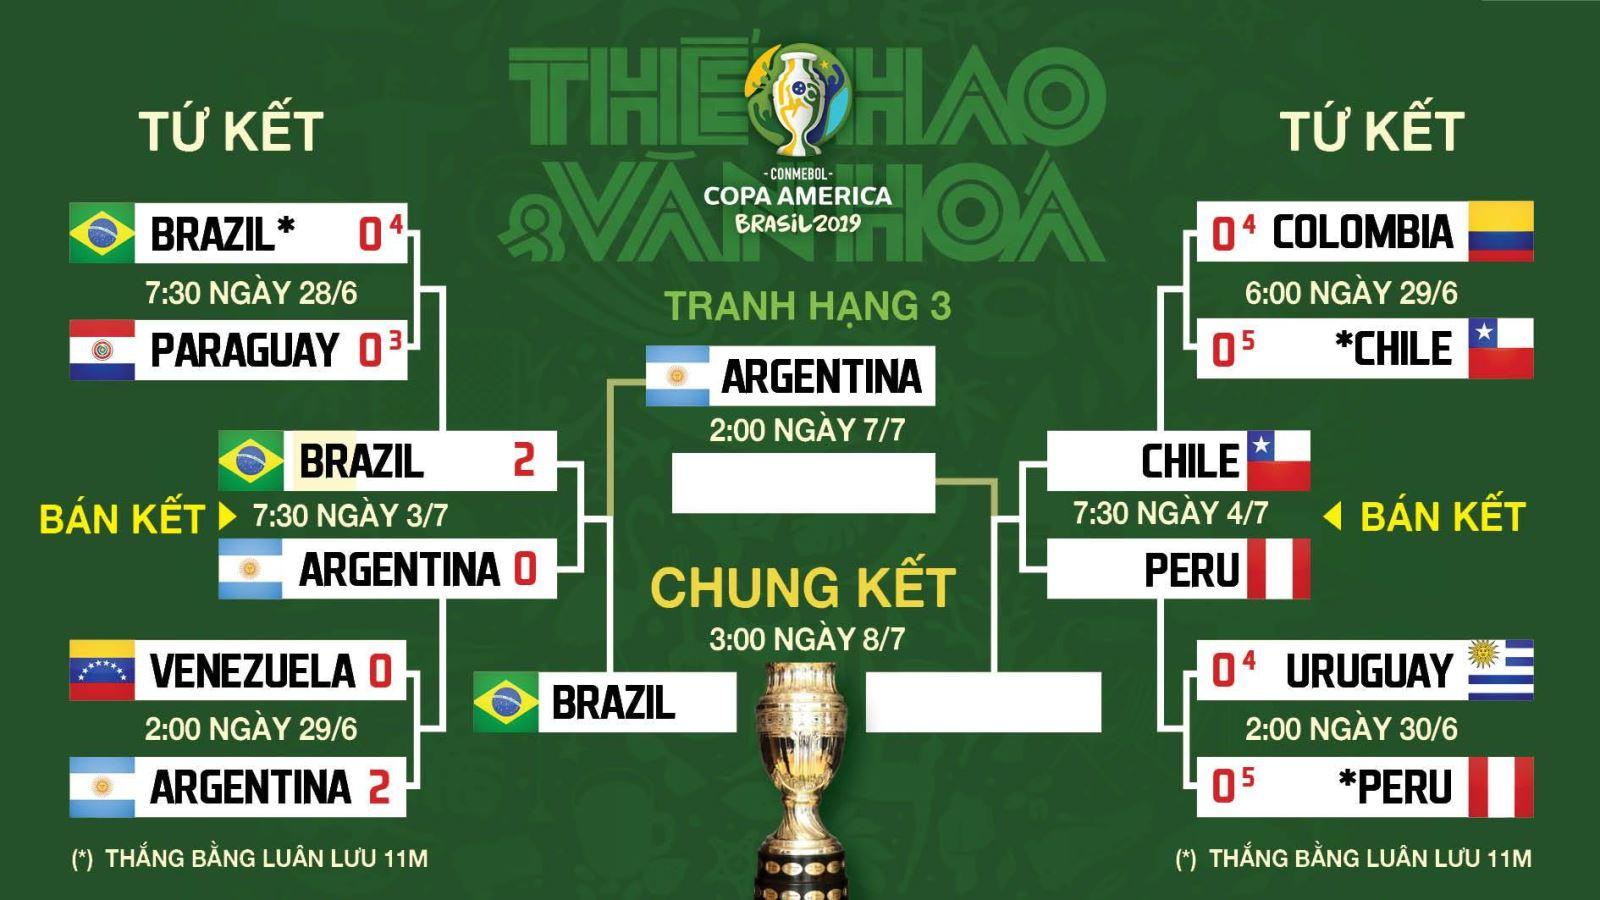 trực tiếp bóng đá hôm nay, Chile đấu với Peru, trực tiếp bóng đá, Chile vs Peru, truc tiep bong da, Peru vs Chile, xem bong da truc tuyen, Copa Americ 2019, FPT Play